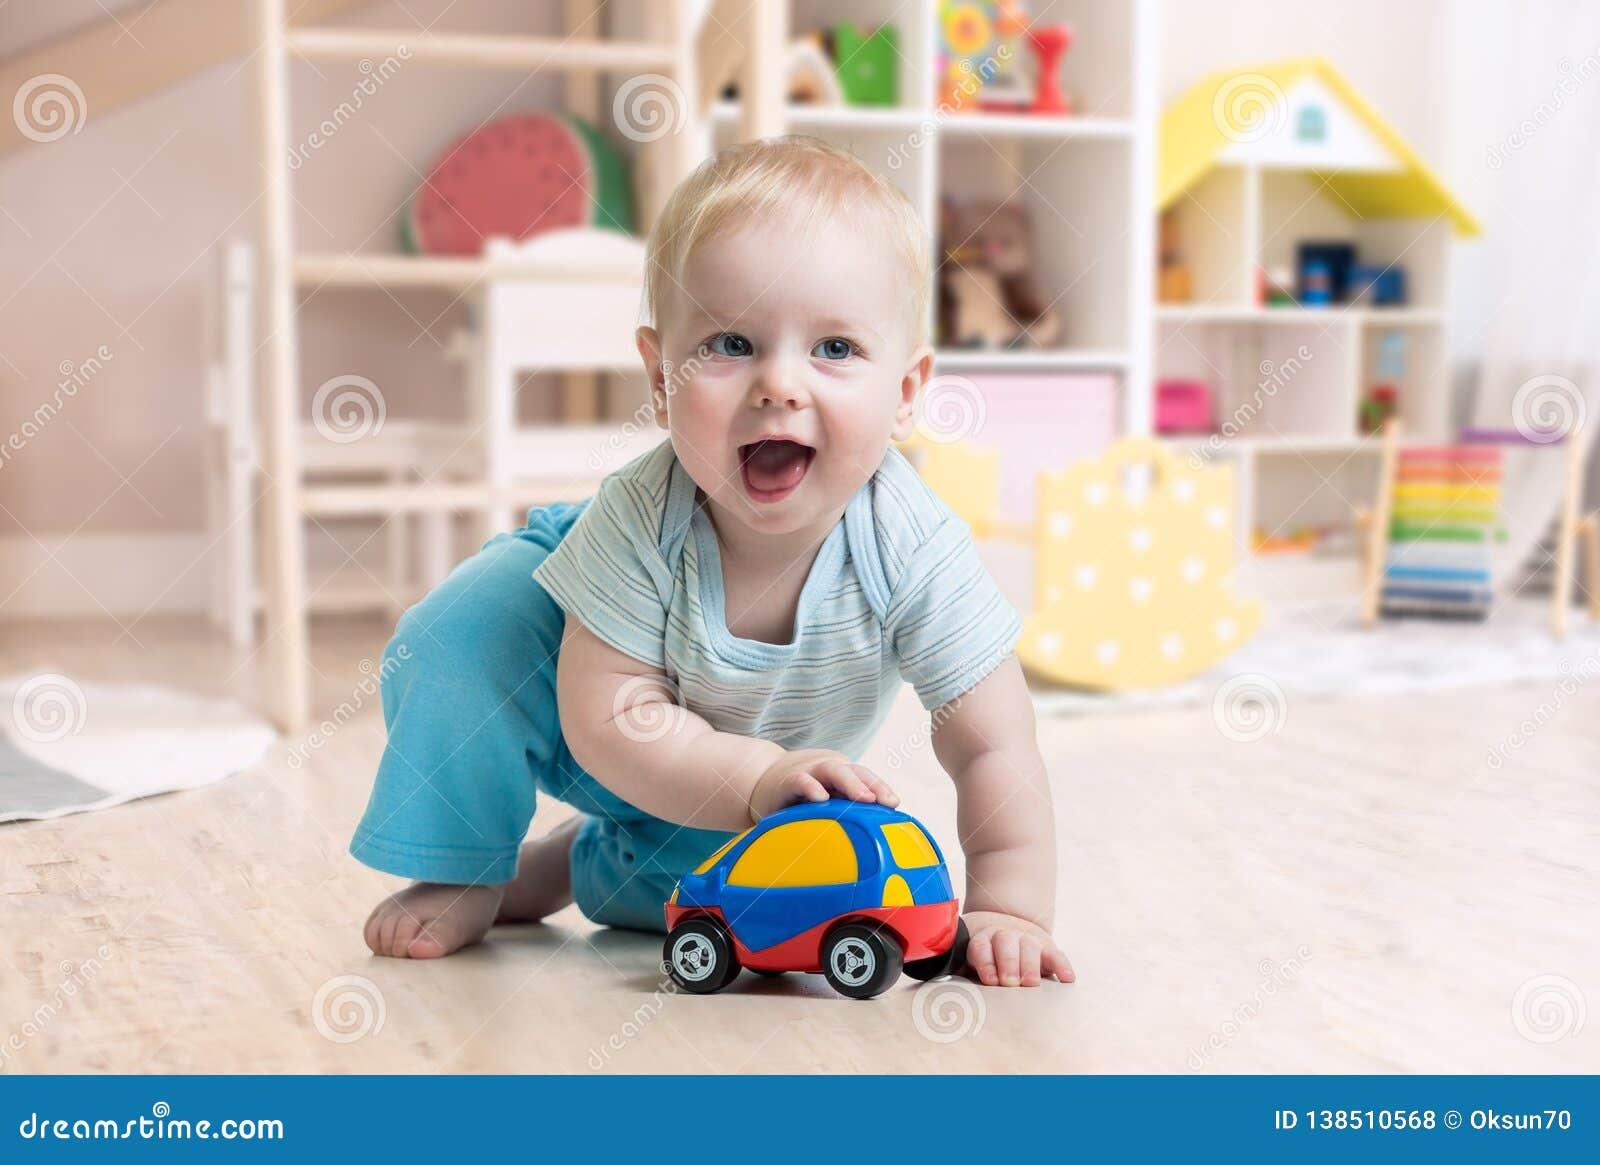 Grappig babyjongen het spelen stuk speelgoed in kinderdagverblijf